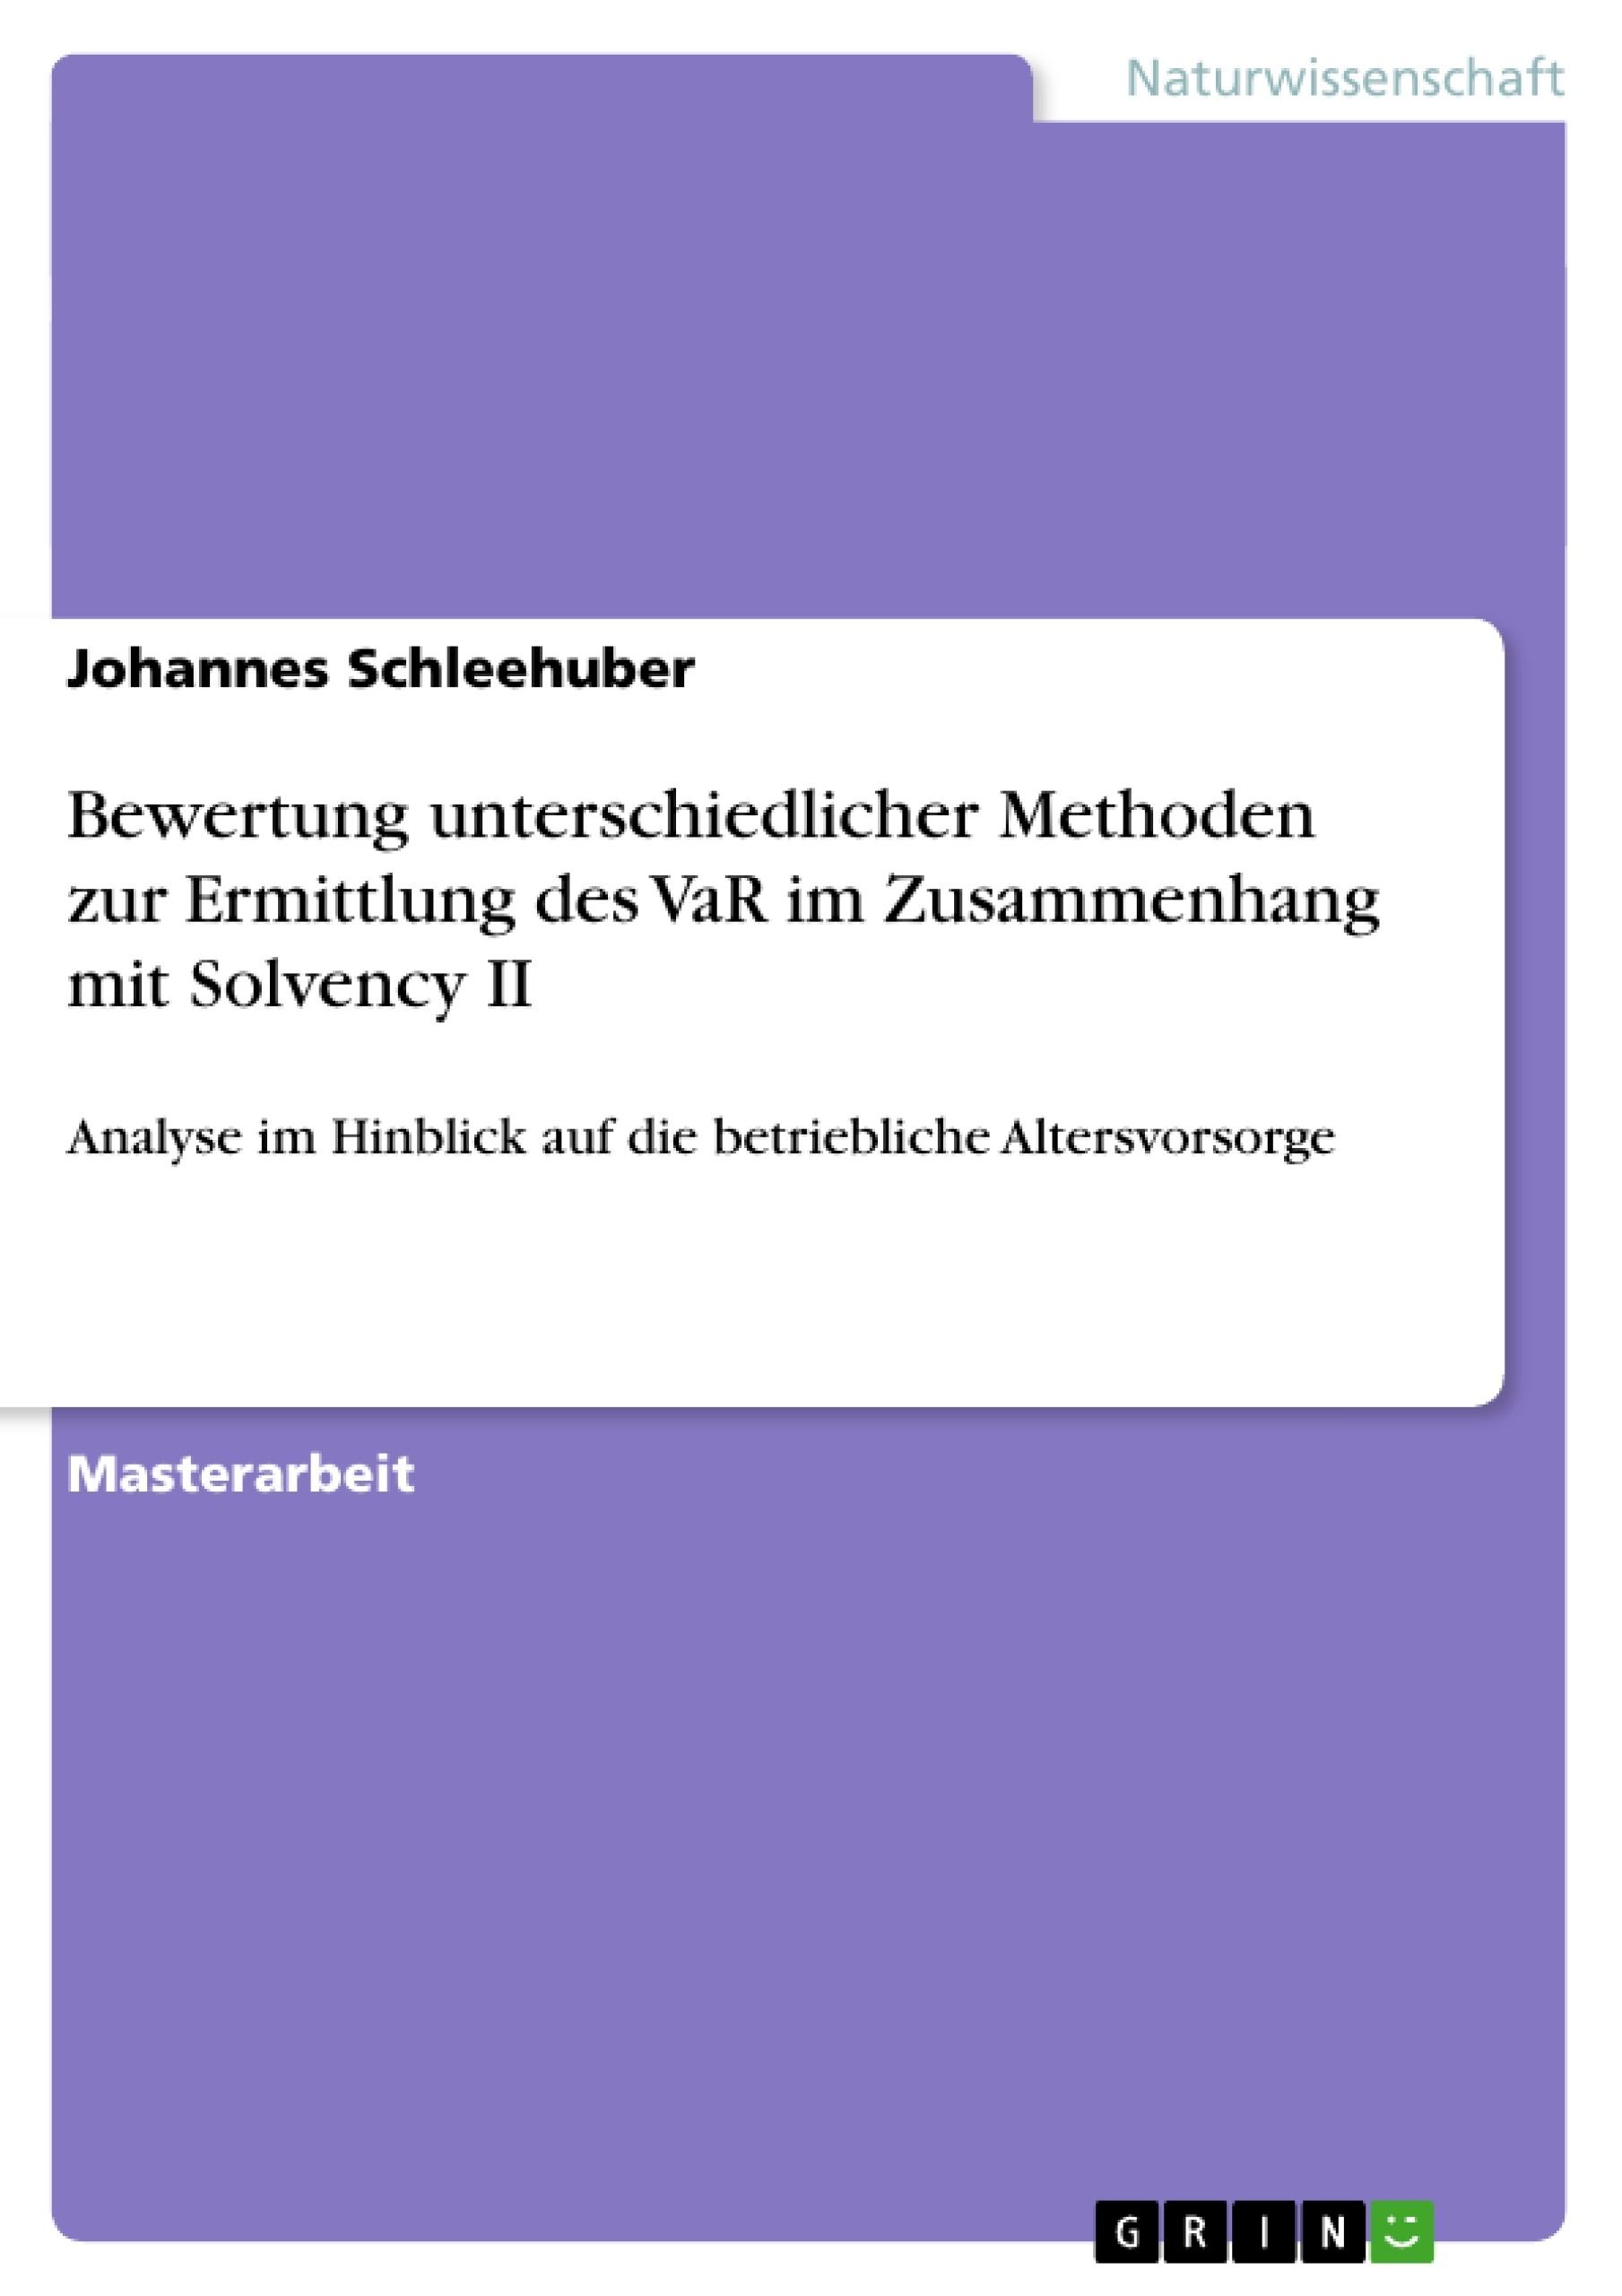 Titel: Bewertung unterschiedlicher Methoden zur Ermittlung des VaR im Zusammenhang mit Solvency II